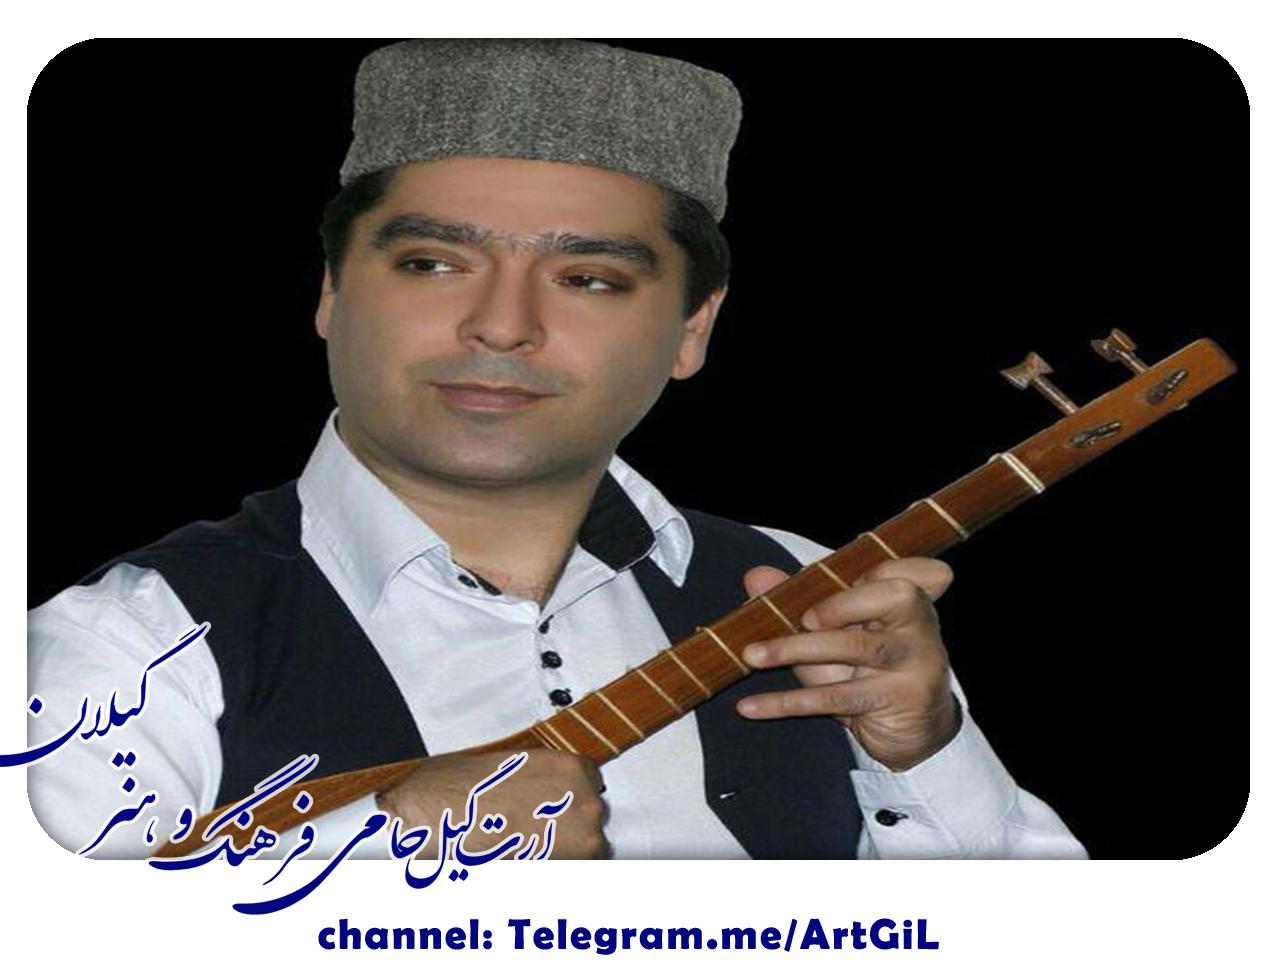 بیوگرافی مهراب مسرور  (معلم ، محقق ، پژوهشگر ، آهنگساز ، تنظیم کننده ،مدرس و نوازنده )